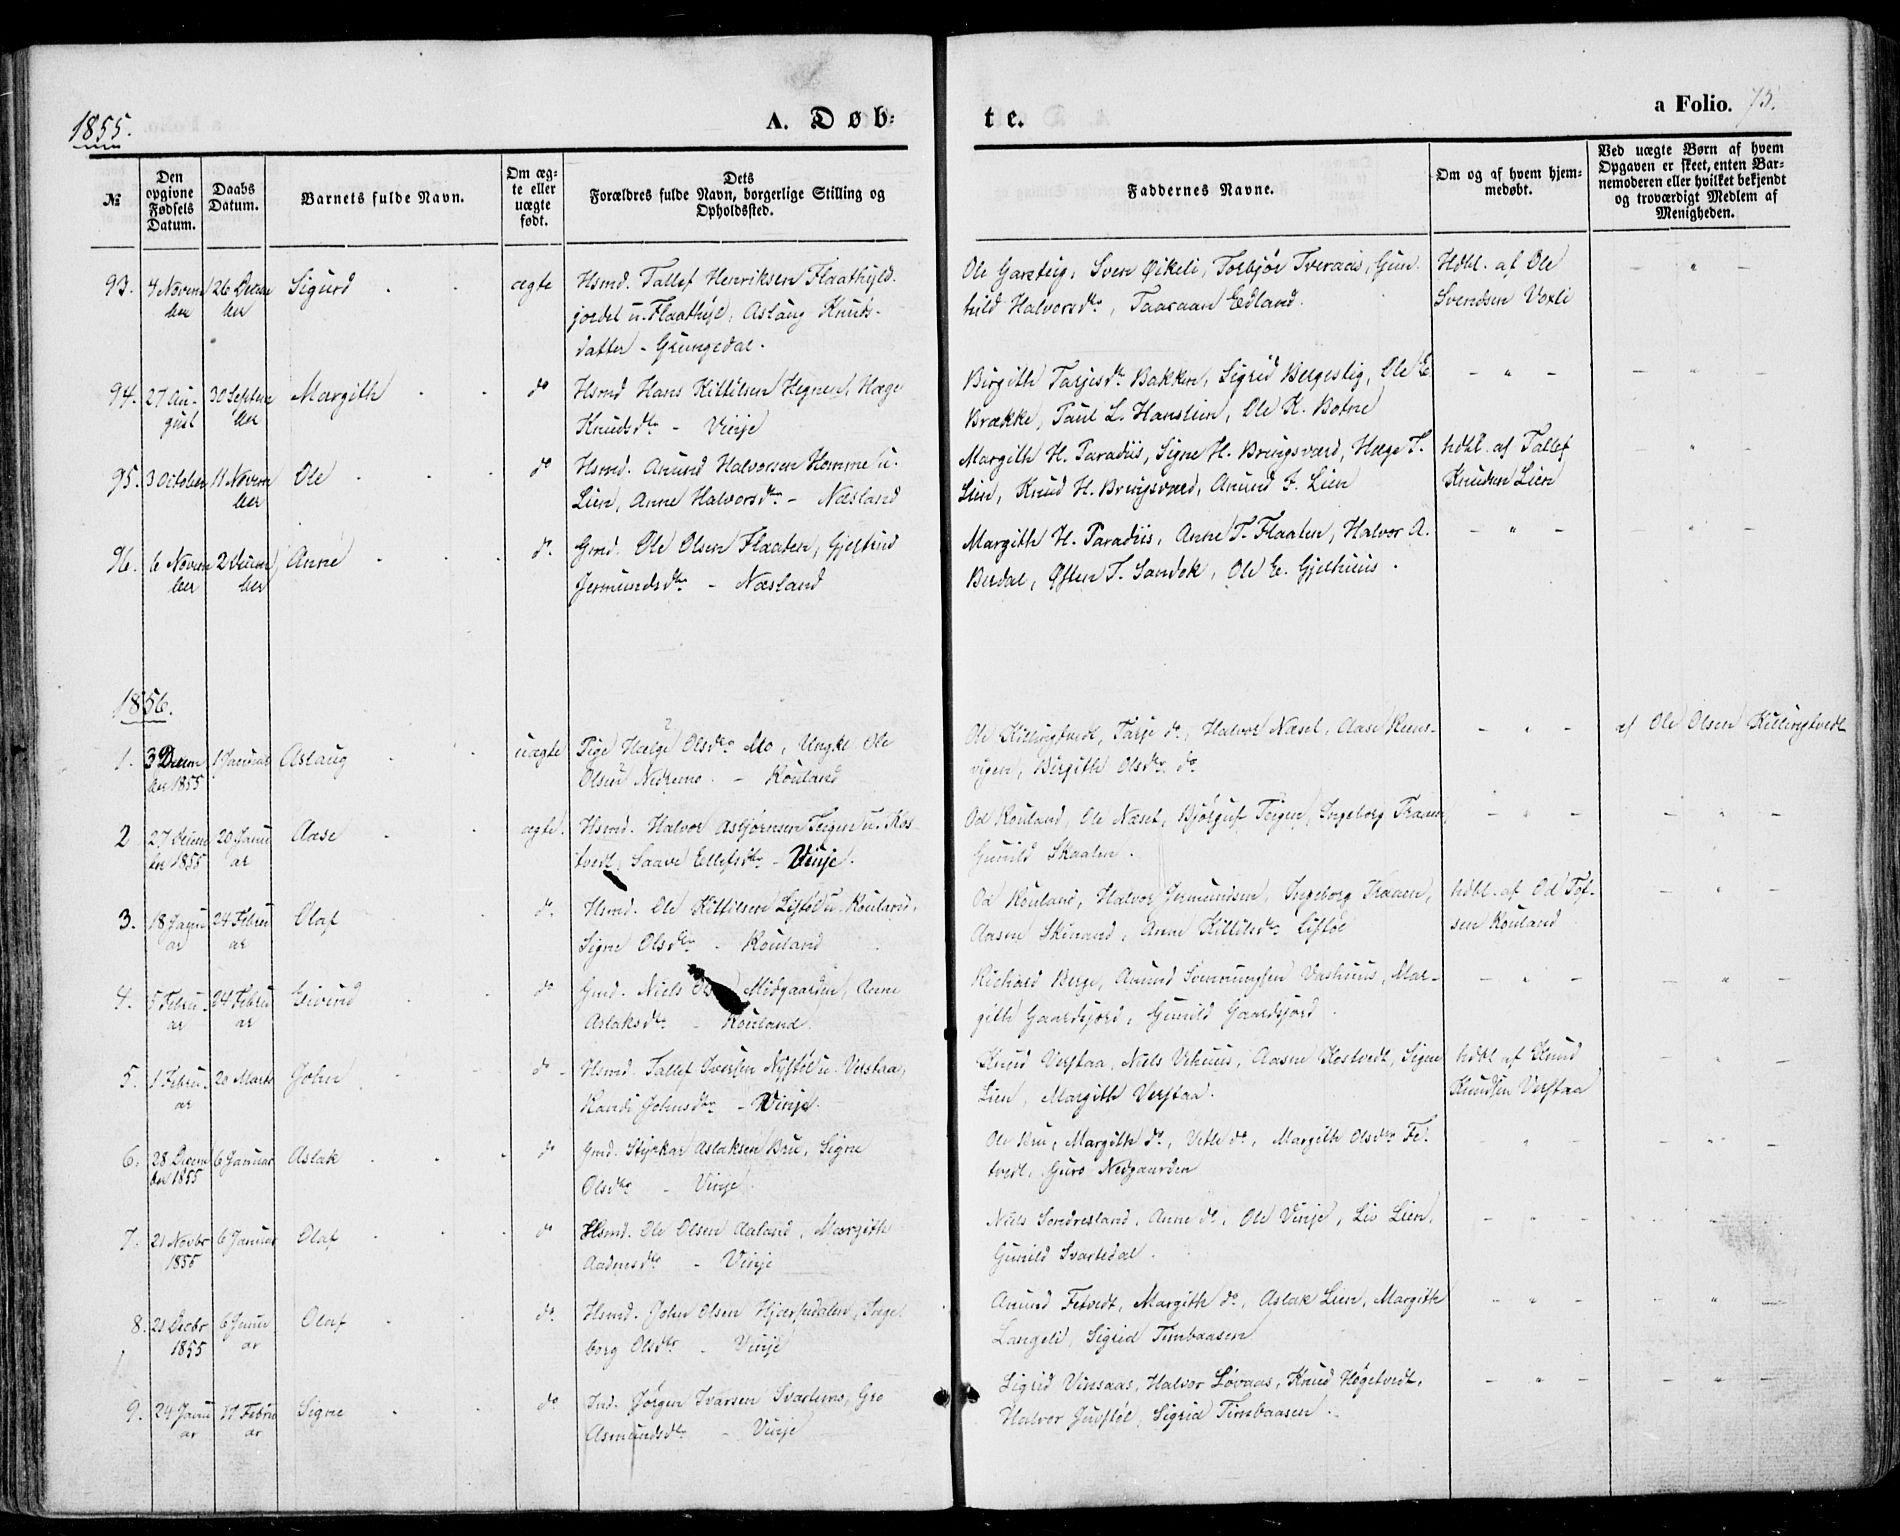 SAKO, Vinje kirkebøker, F/Fa/L0004: Ministerialbok nr. I 4, 1843-1869, s. 75